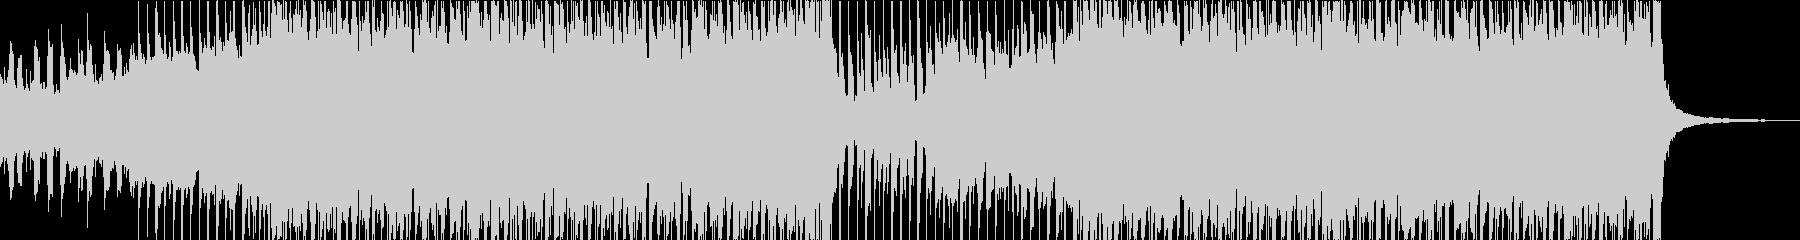 ヘビーなエレキ、疾走感のあるロックBGMの未再生の波形